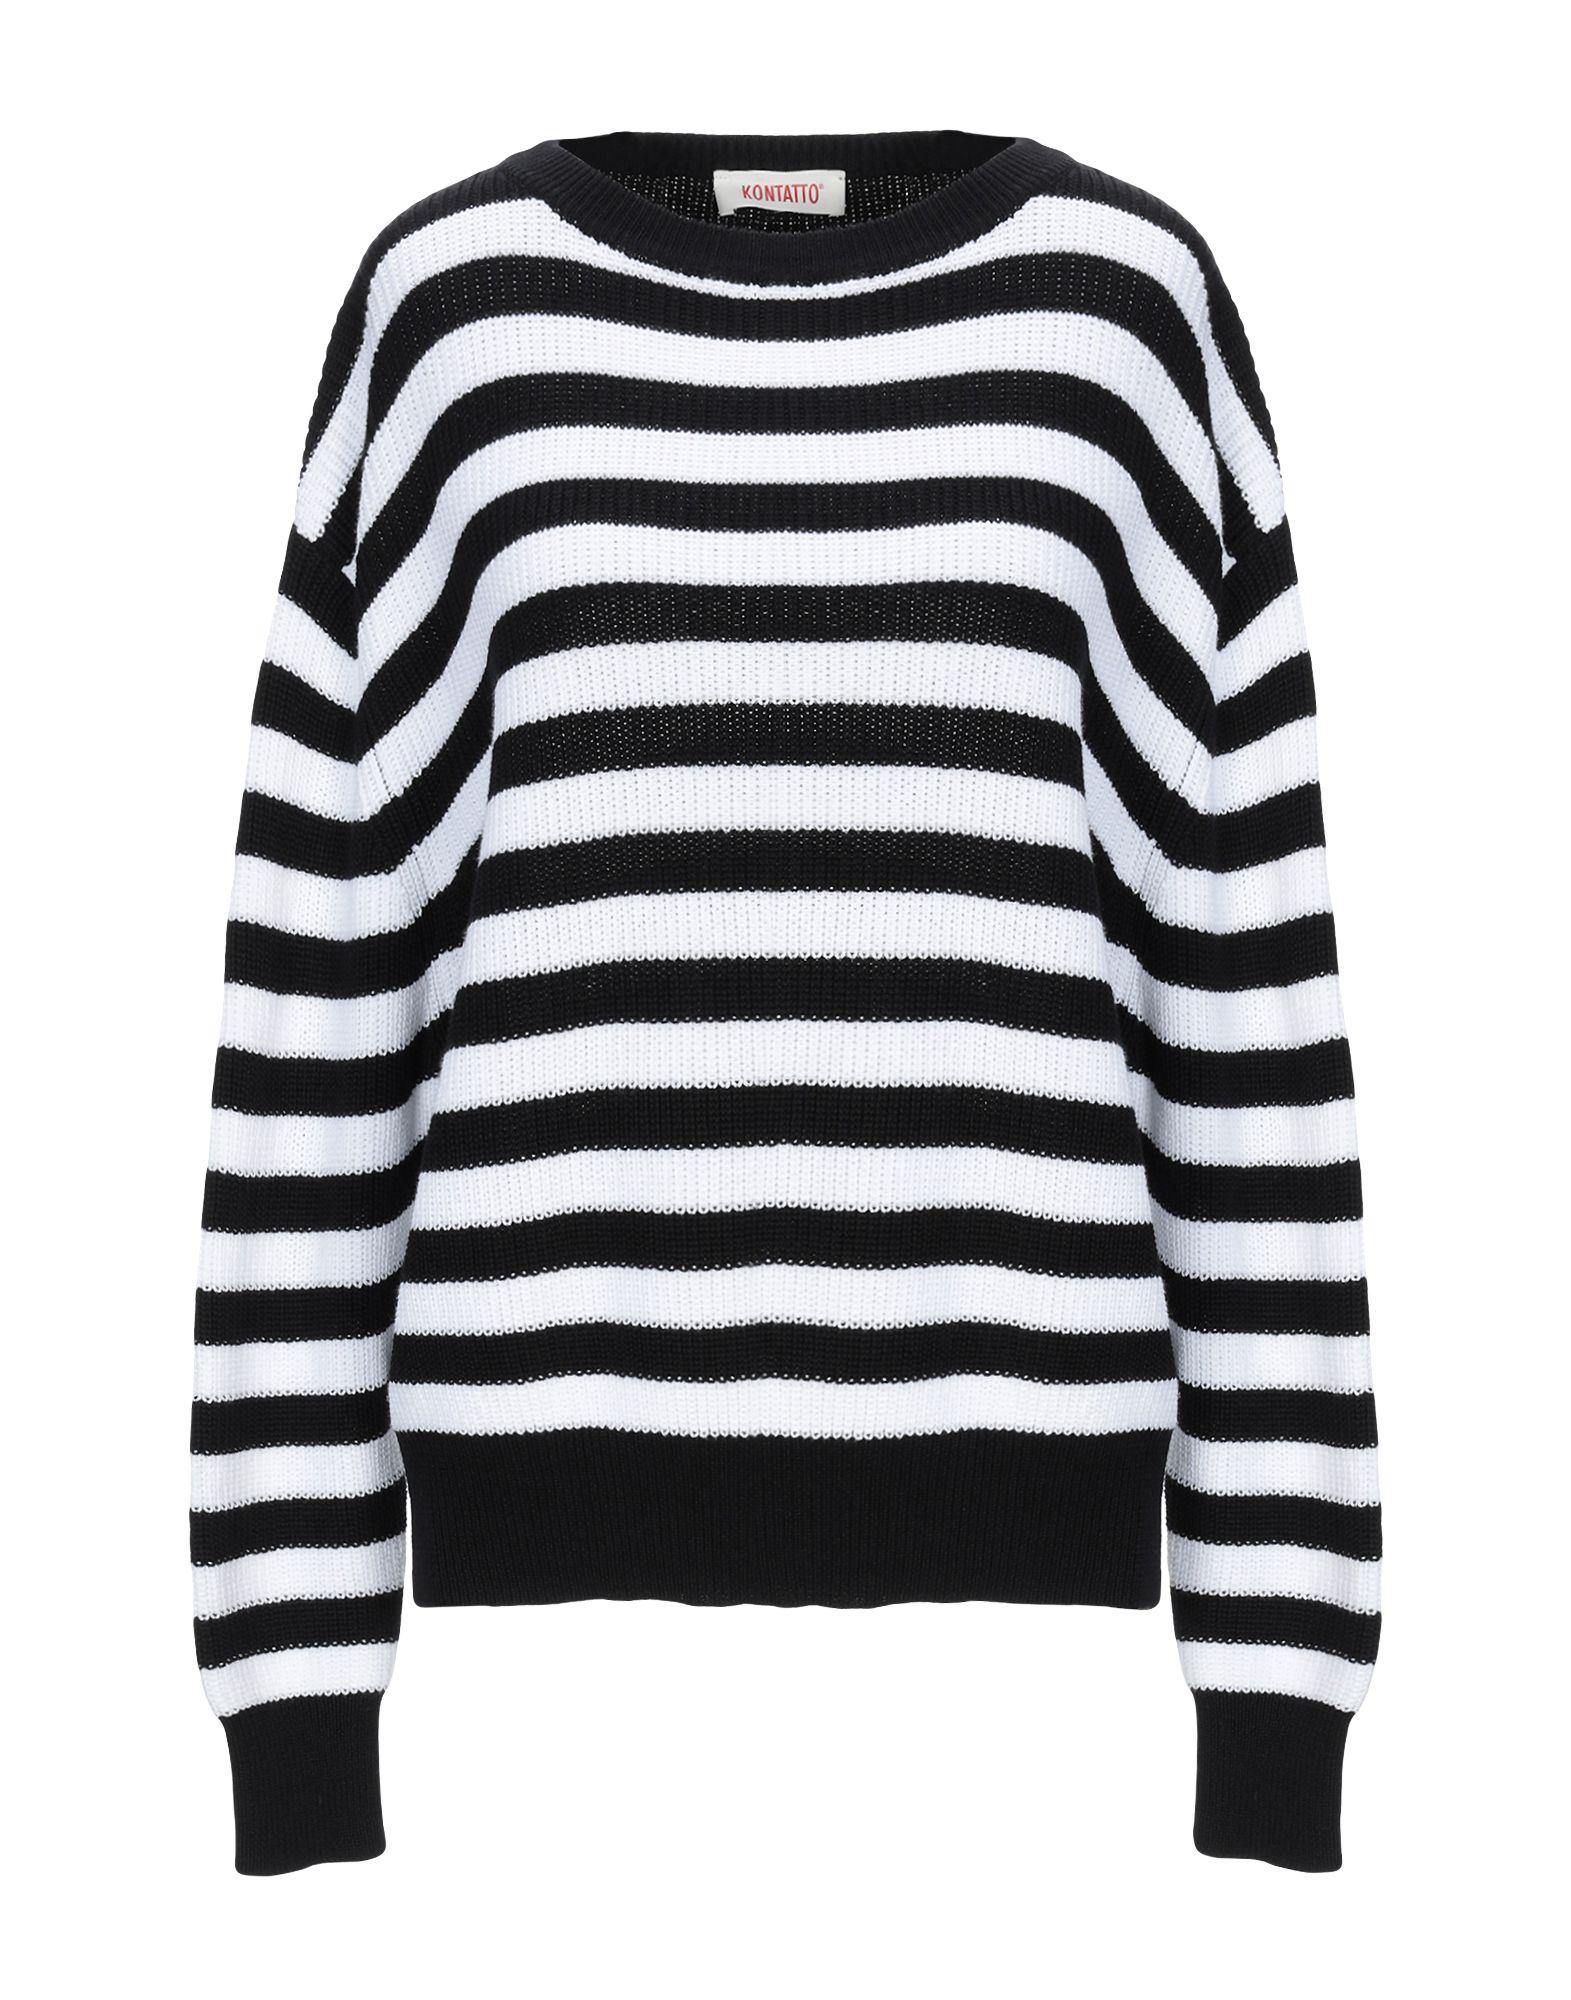 KONTATTO Свитер мужской свитер в полоску 52